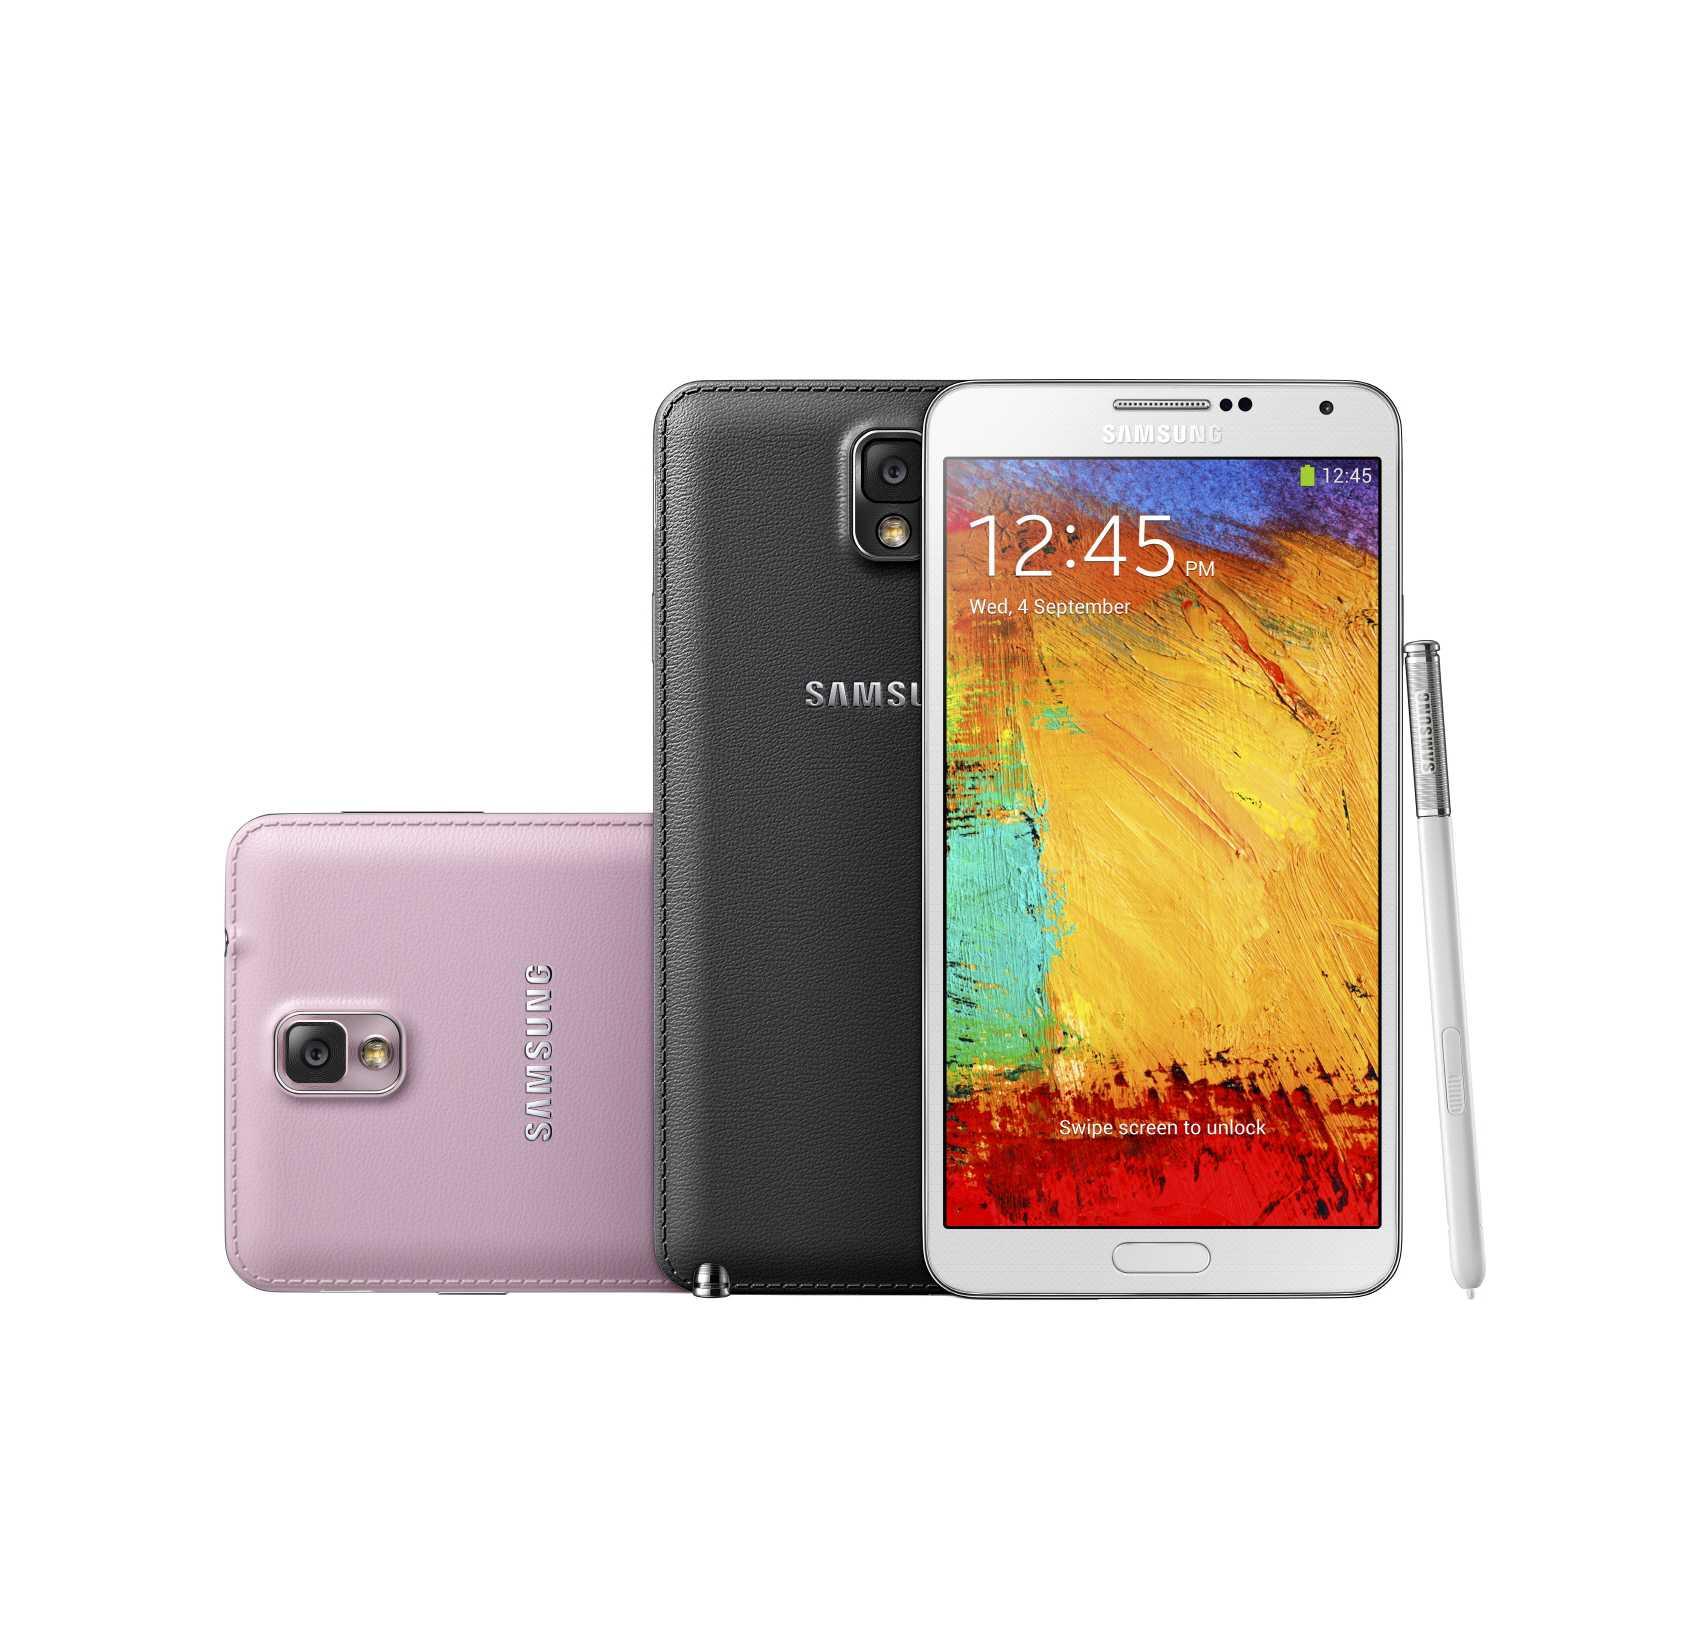 Samsung Galaxy Note 3 è alimentato da Exynos octa core 5420 con 2720MB di RAM disponibile